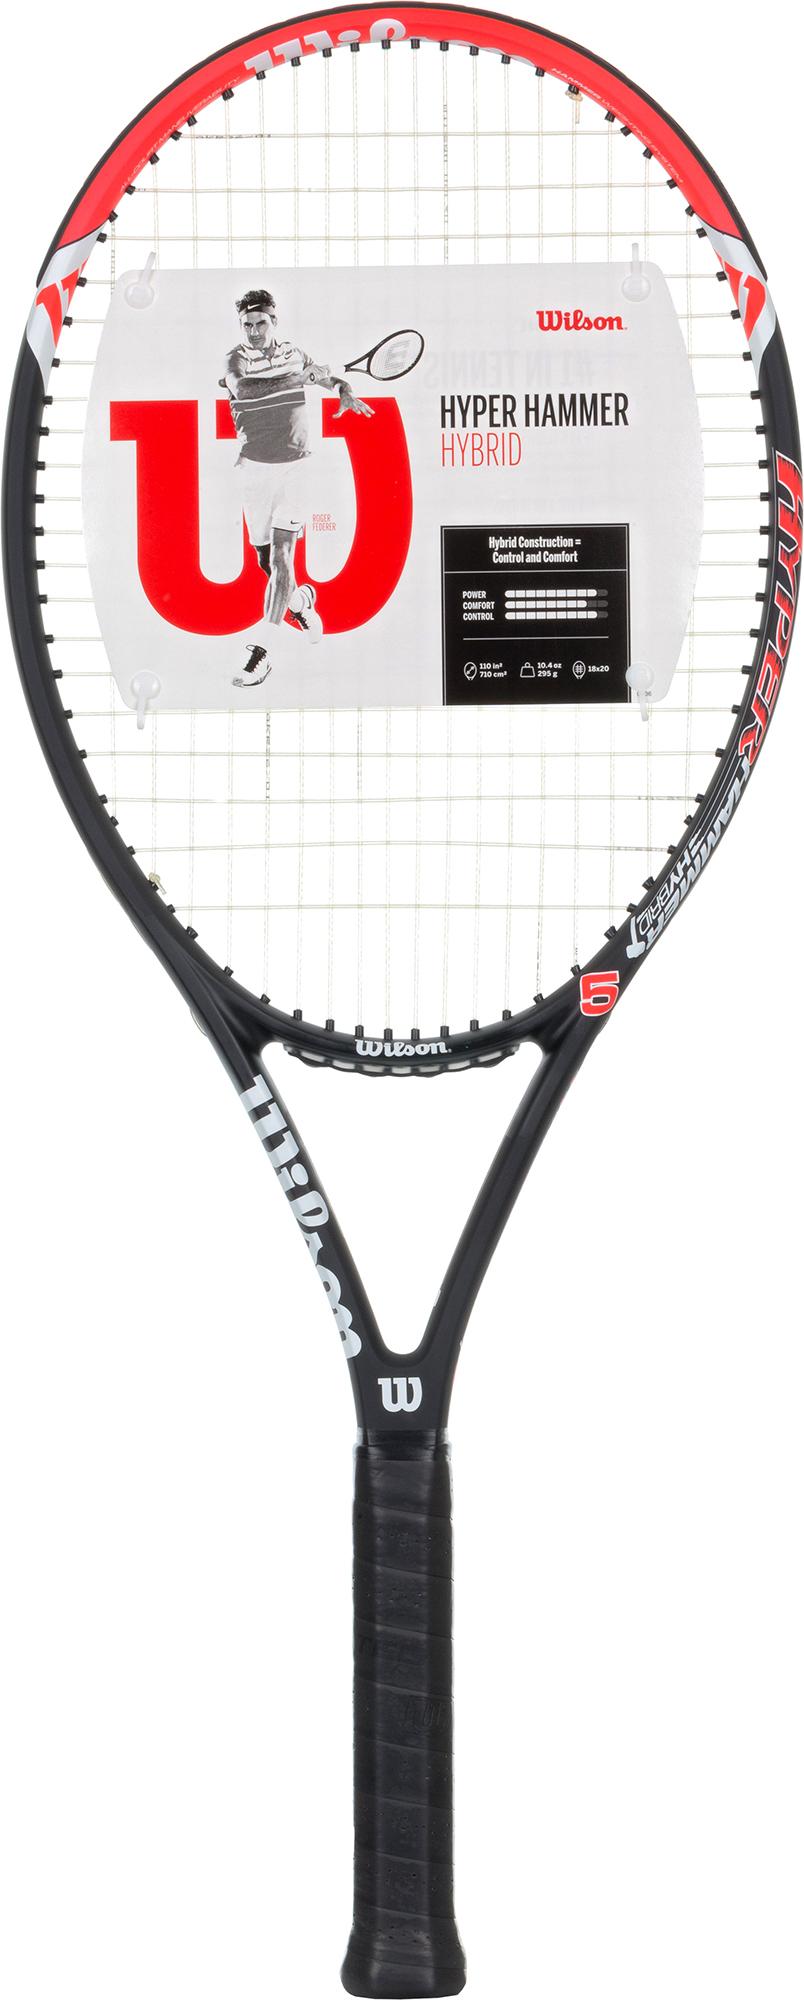 Wilson Ракетка для большого тенниса Wilson Hyper Hammer 5 HYB, размер 3 wilson набор мячей для большого тенниса wilson australian open 3 ball can размер без размера